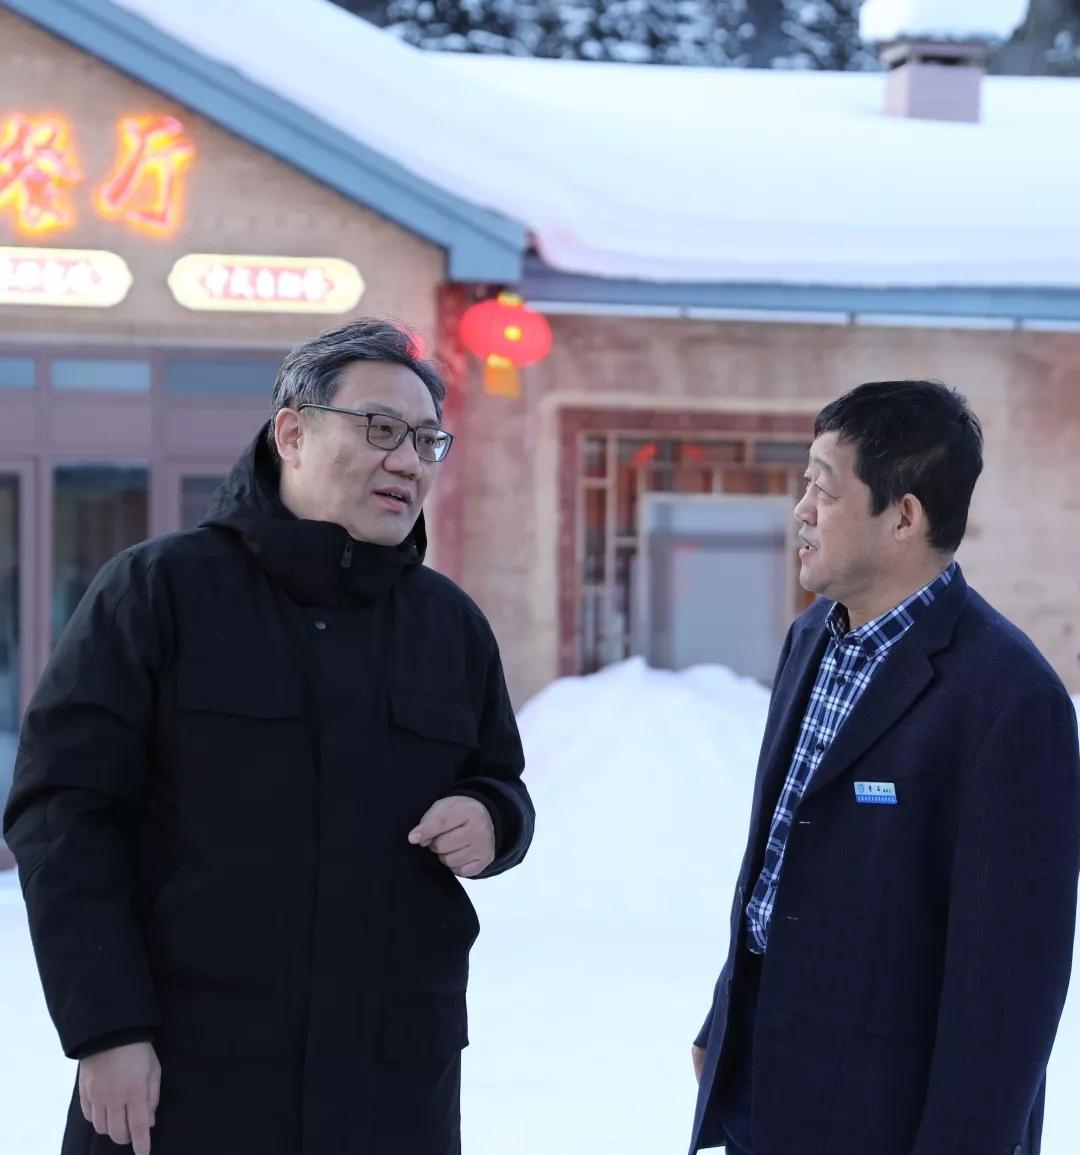 新年第一天,黑龙江省长王文涛再度暗访雪乡:要爱护雪乡声誉